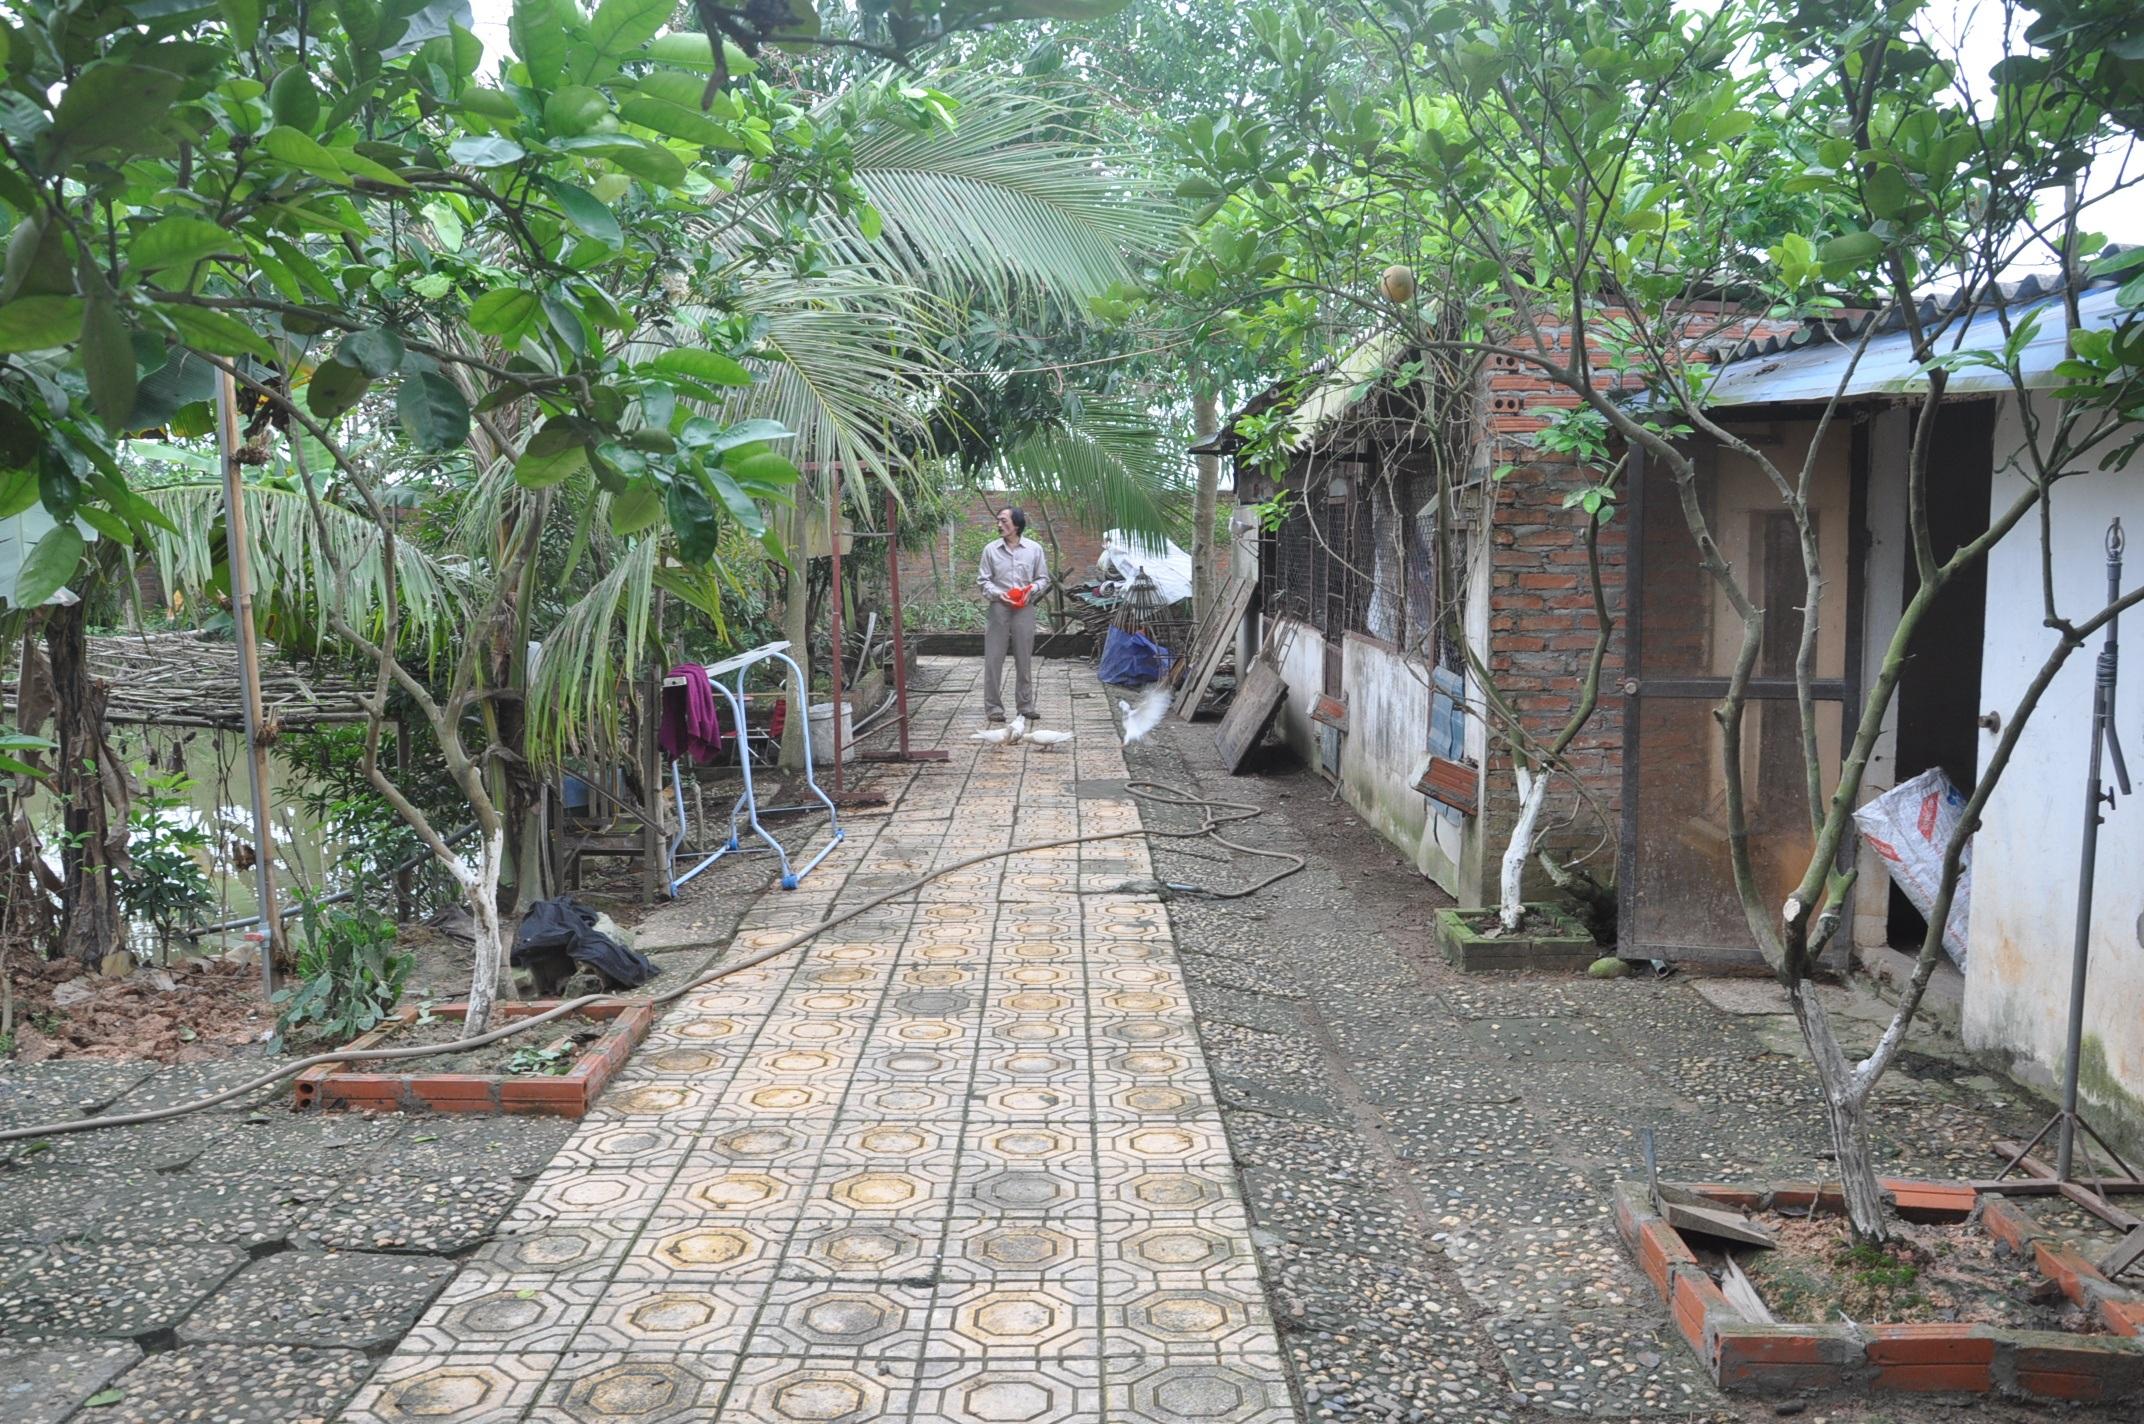 Lối ra chuồng gà, chuồng chim bồ câu được anh thiết kế rộng rãi với những ô chuồng sạch sẽ.